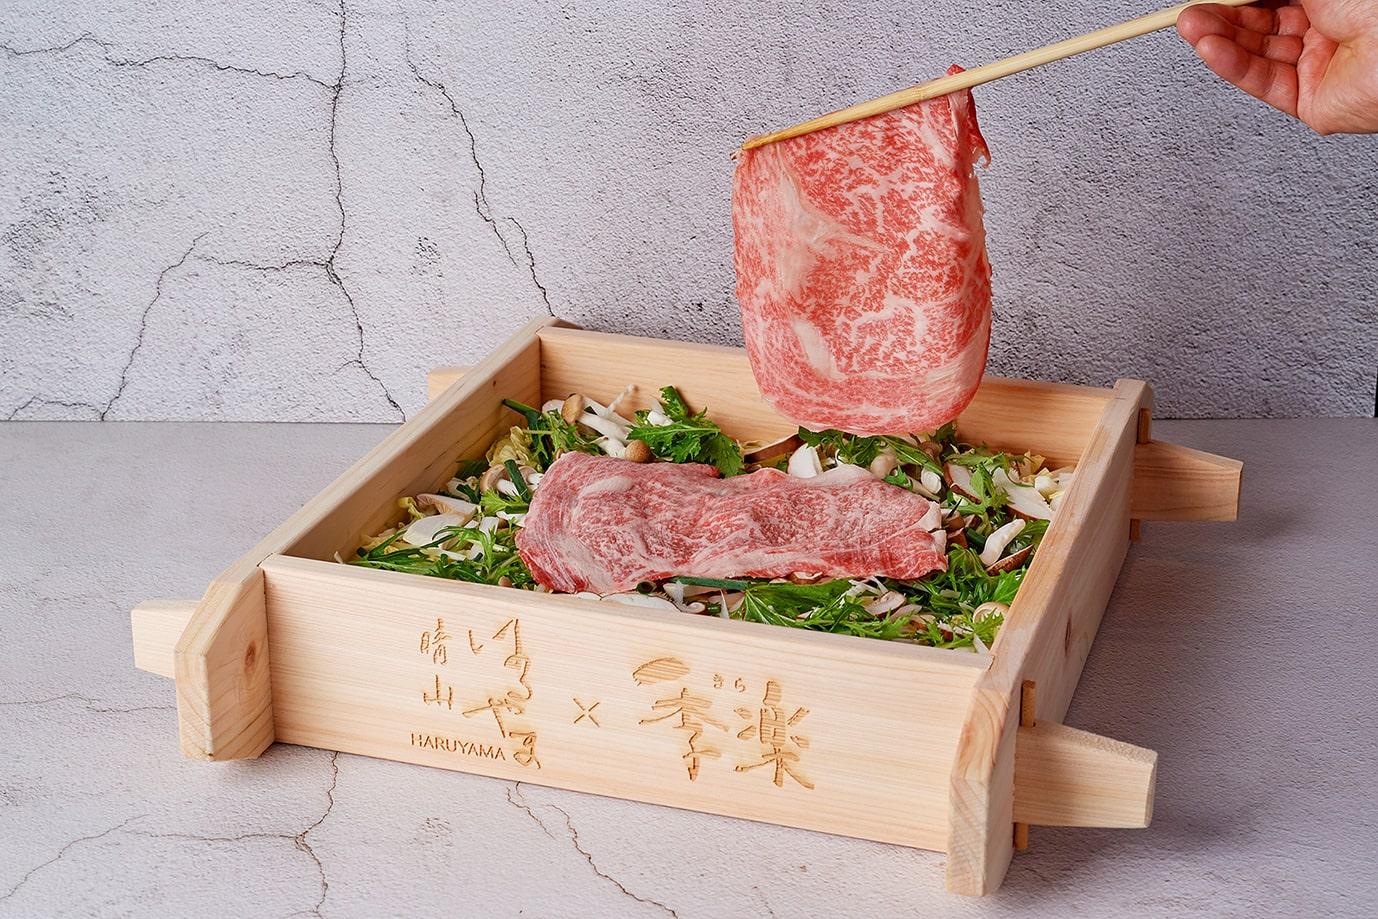 台北美福大飯店 晴山日本料理 佐賀牛蒸籠蒸物